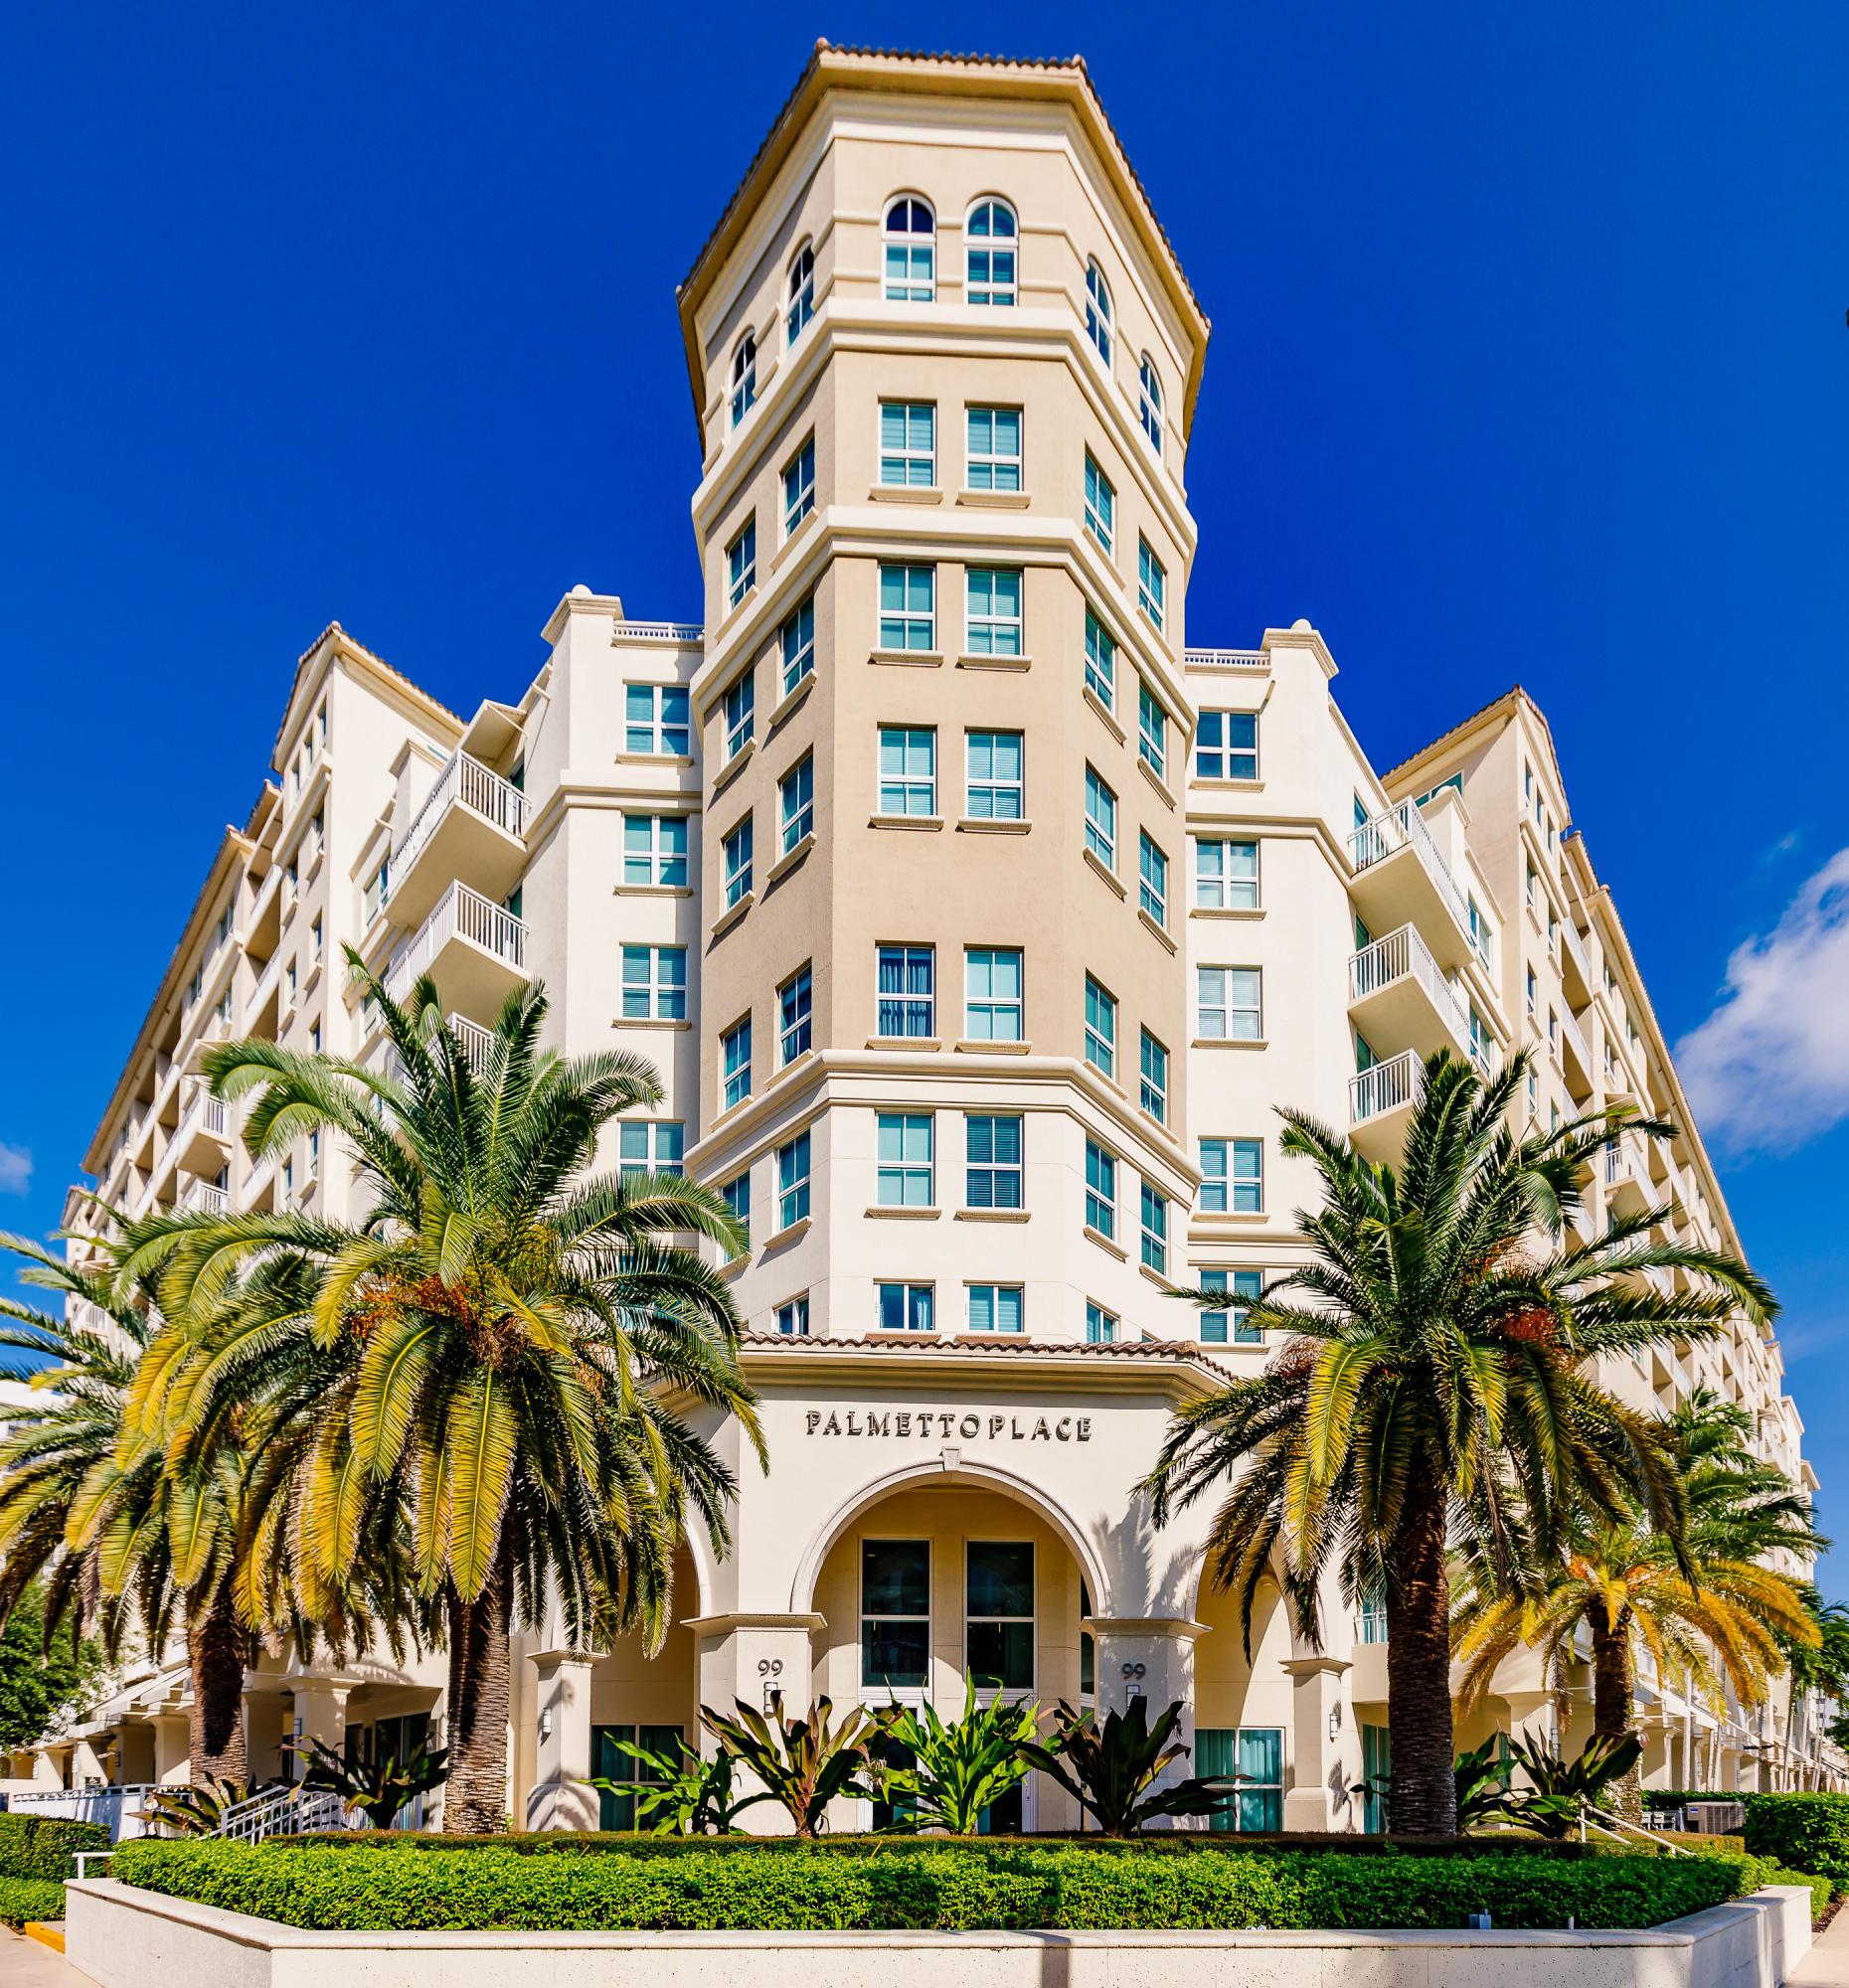 Home for sale in Palmetto Place Boca Raton Florida